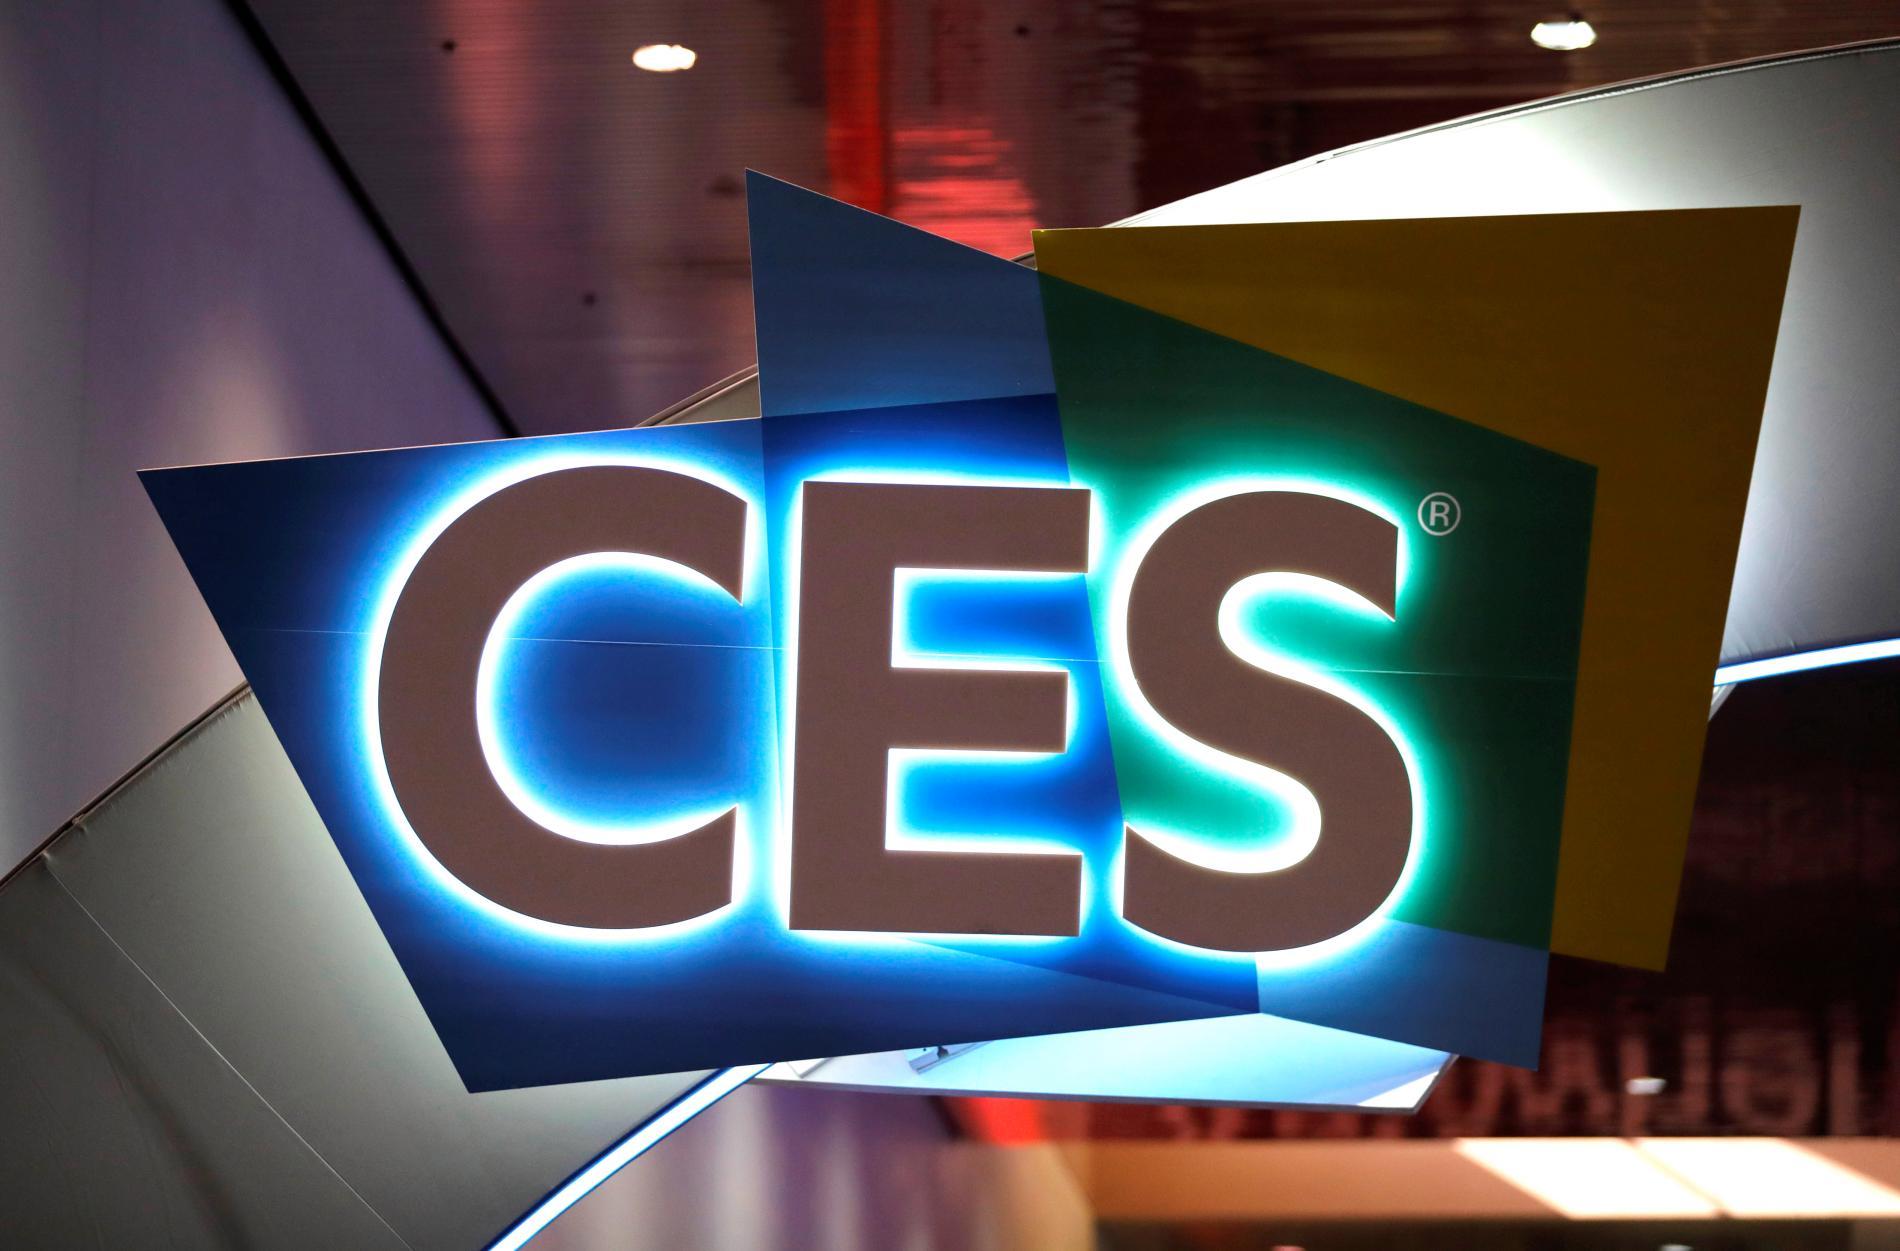 Il ritorno di Apple, le novità di automotive e smart home: ecco cosa vedremo al CES 2020